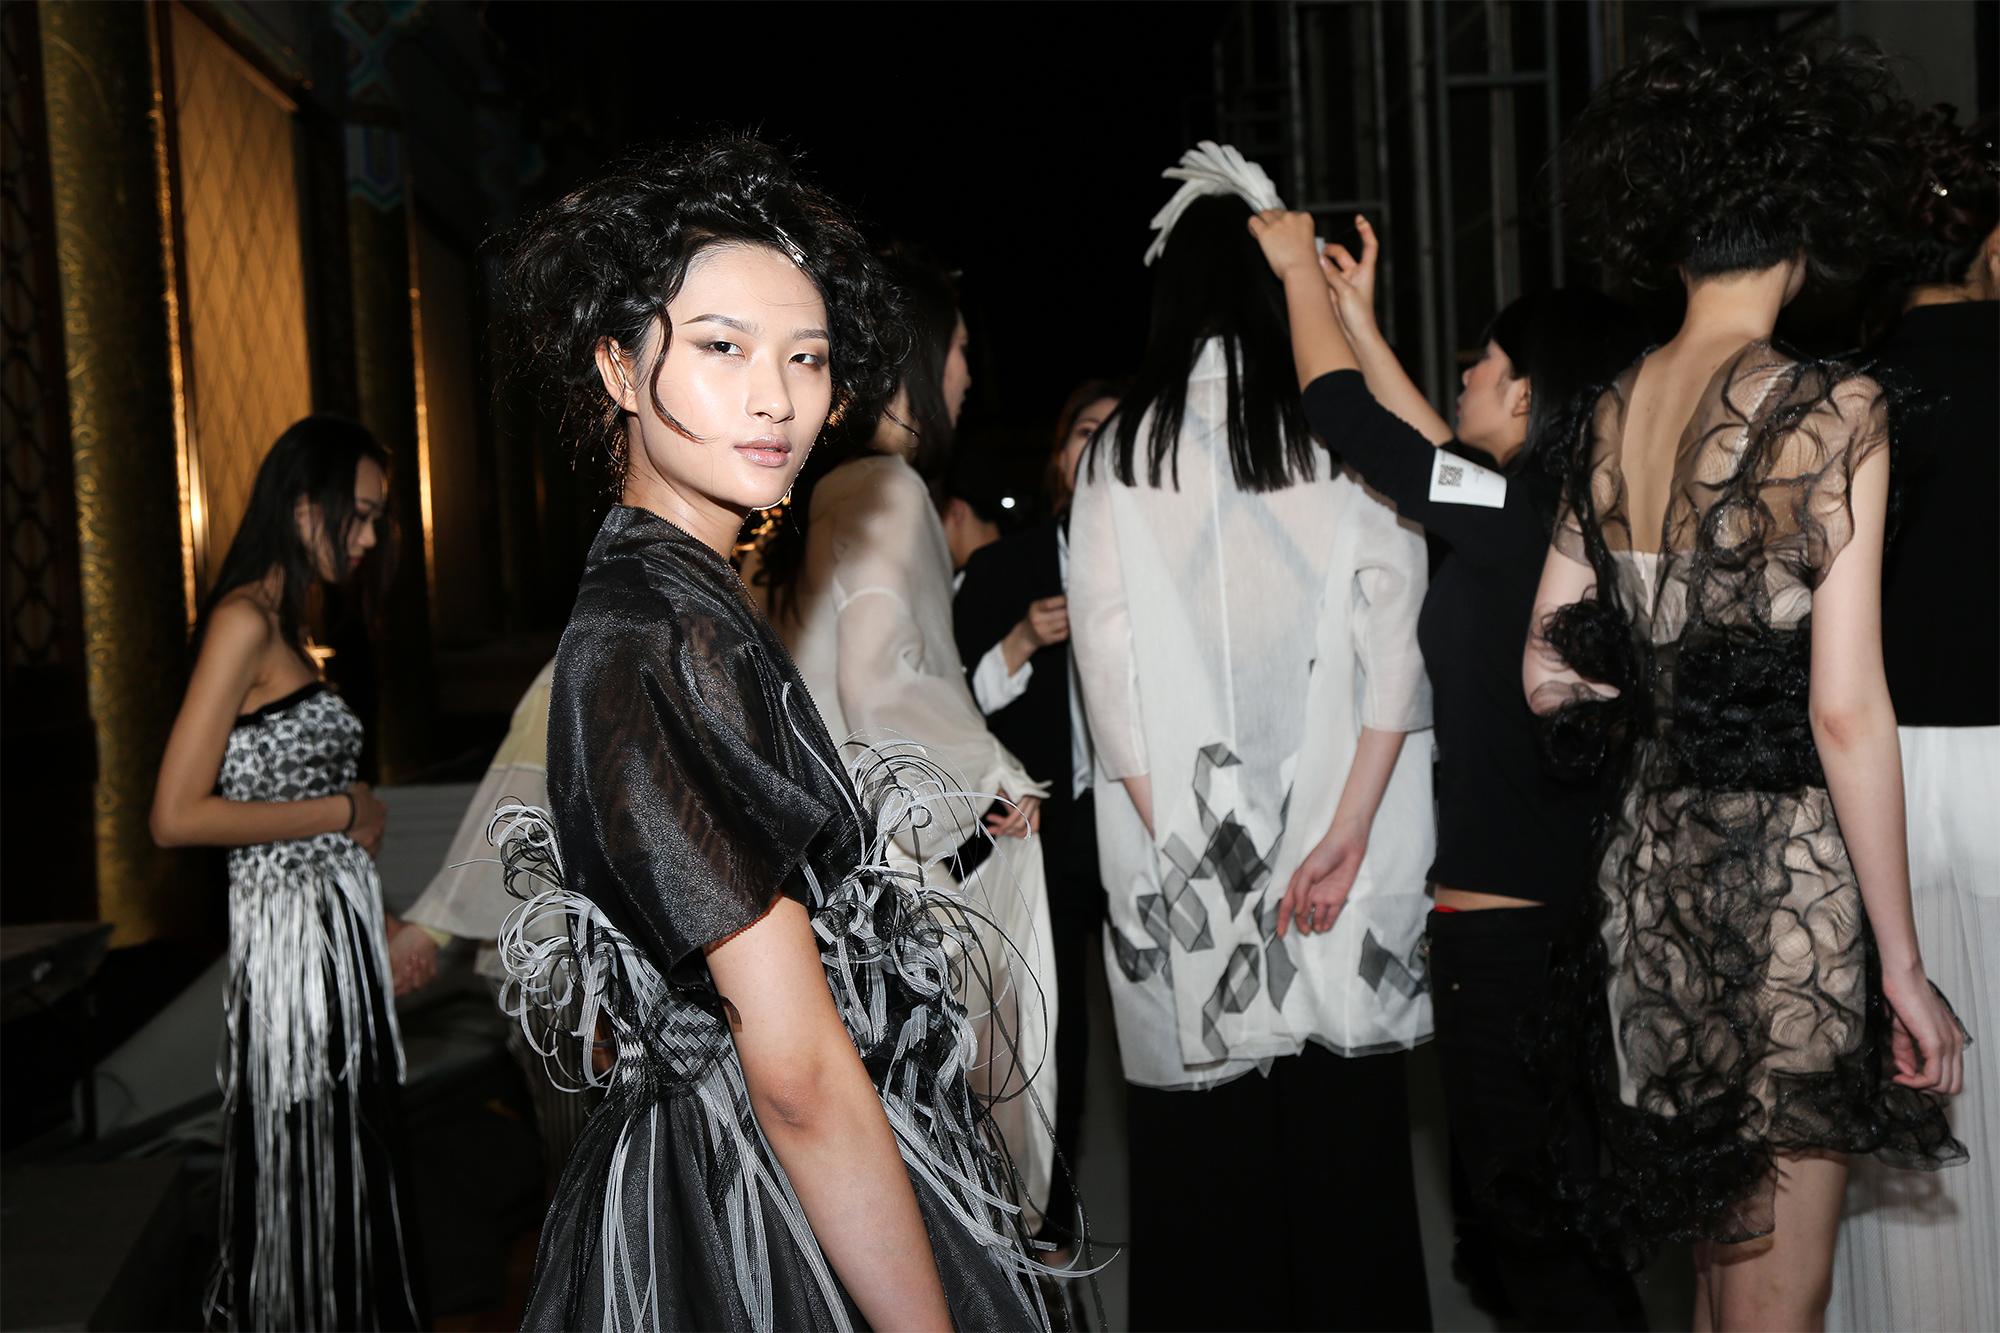 让我们的强项更强!迎来十周岁的Grace Chen品牌首秀中国国际时装周,创始人接受《华丽志》独家专访